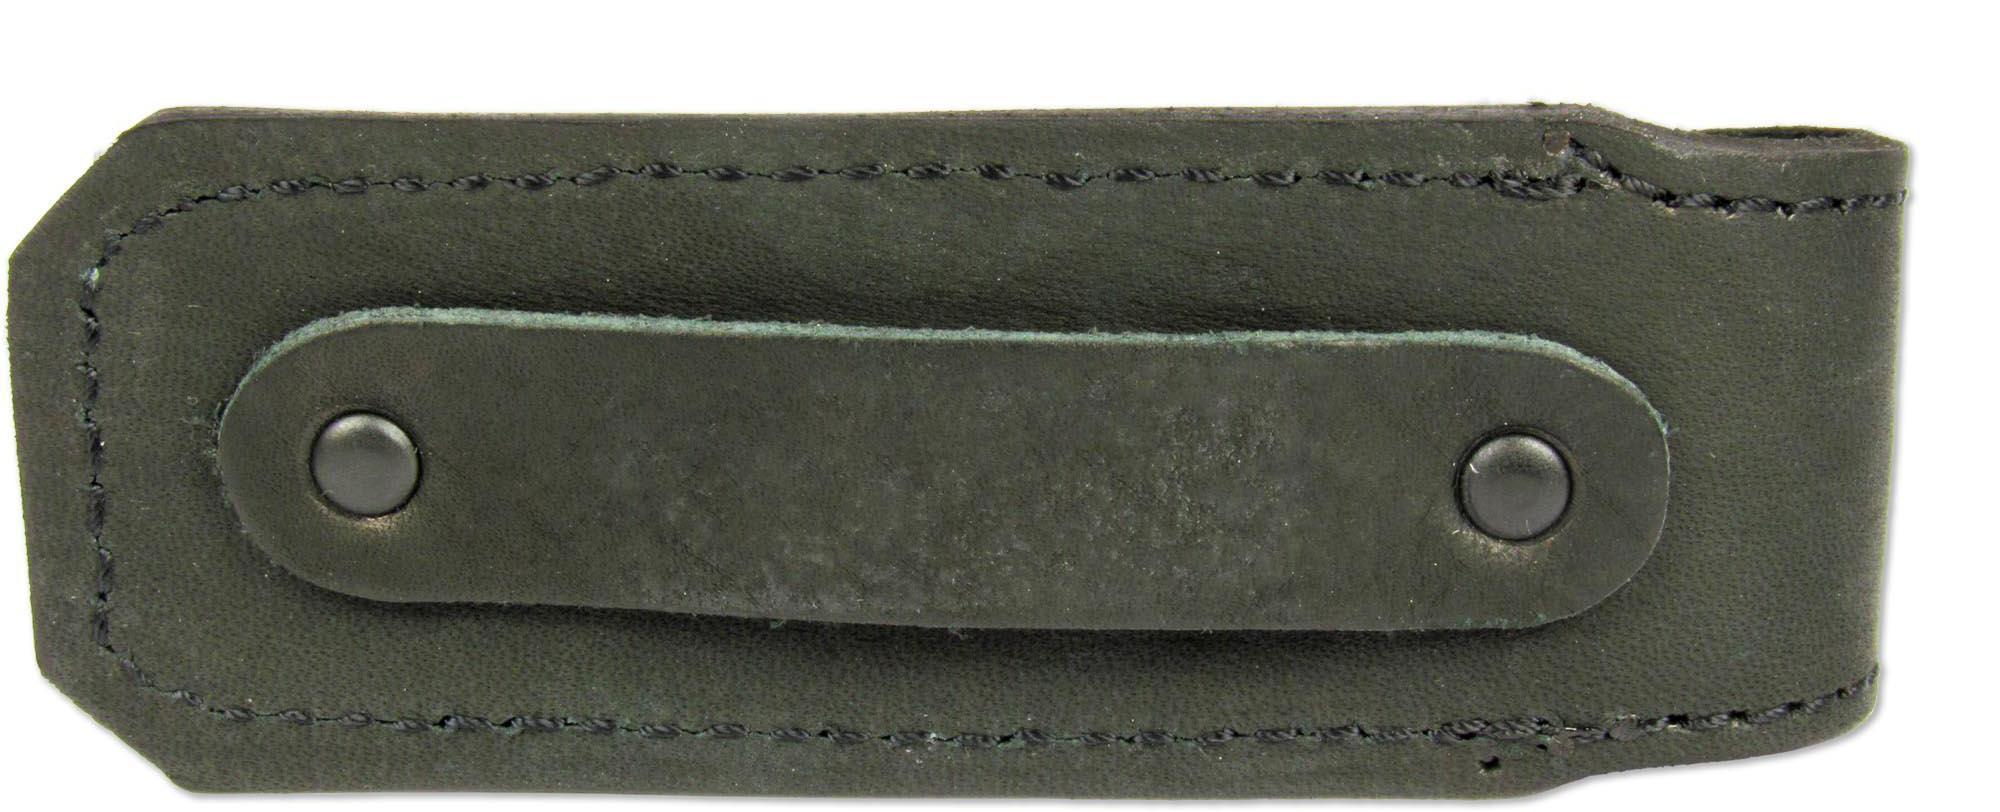 """Чехол для складного ножа """"Ножемир"""", цвет: черный. Чехол №14(ч)"""